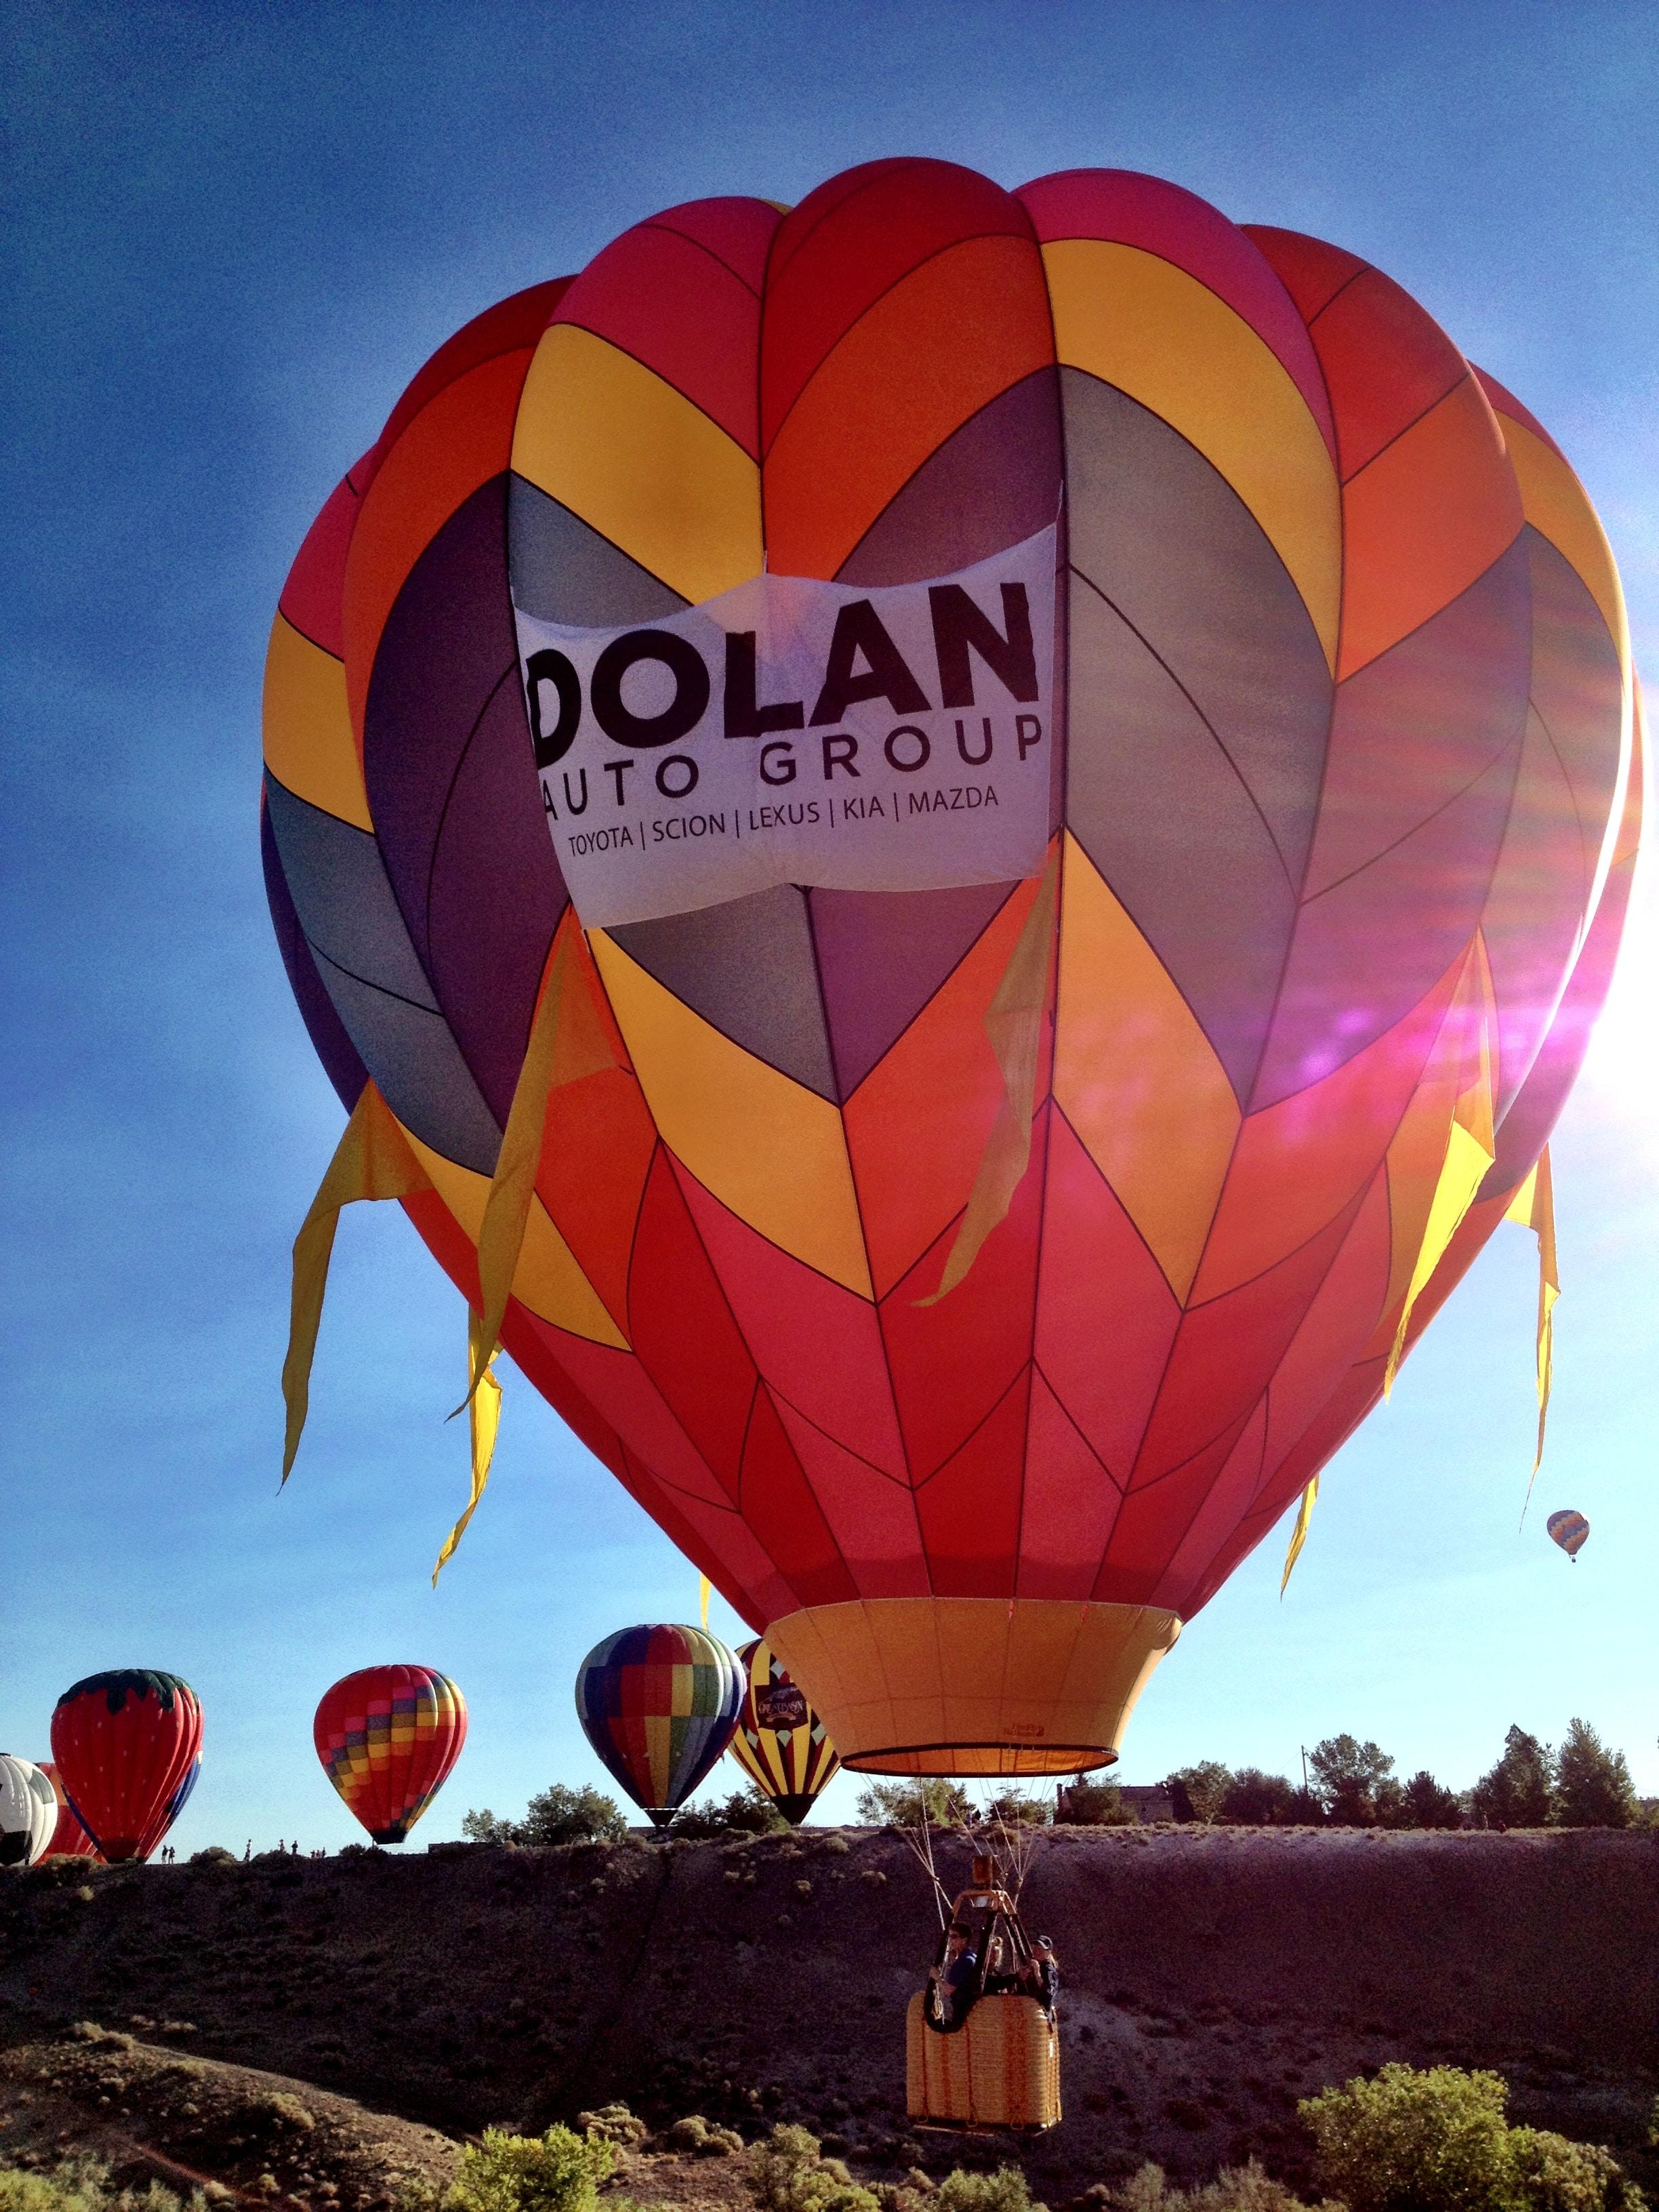 dolan toyota takes the skies at the great reno balloon races